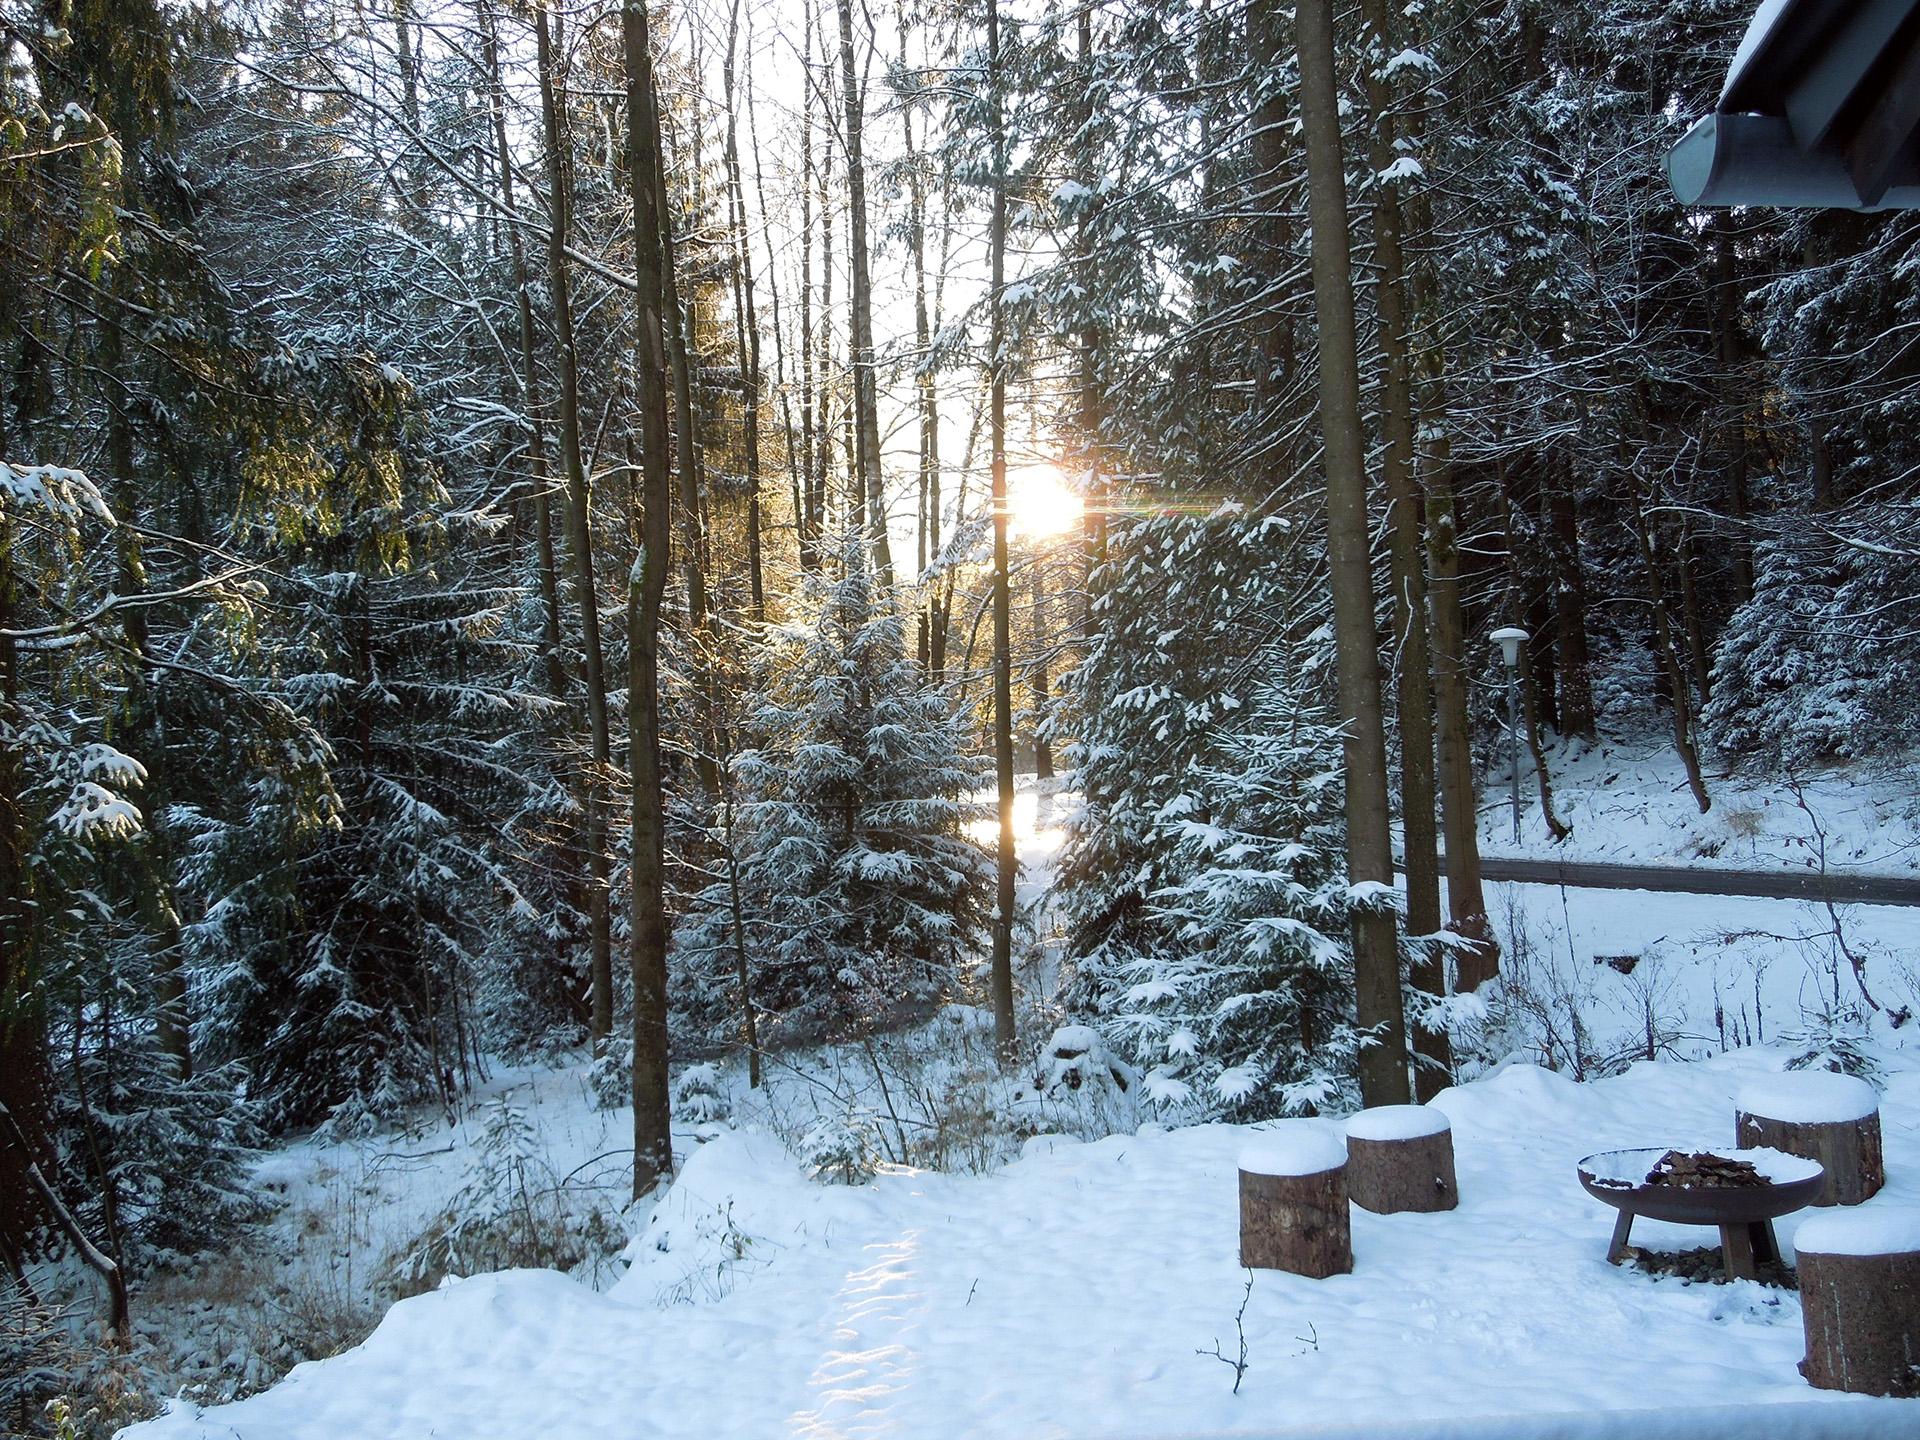 Blockhaus-Bodefall-Außenansicht-Blick-im-Winter-in-den-Wald